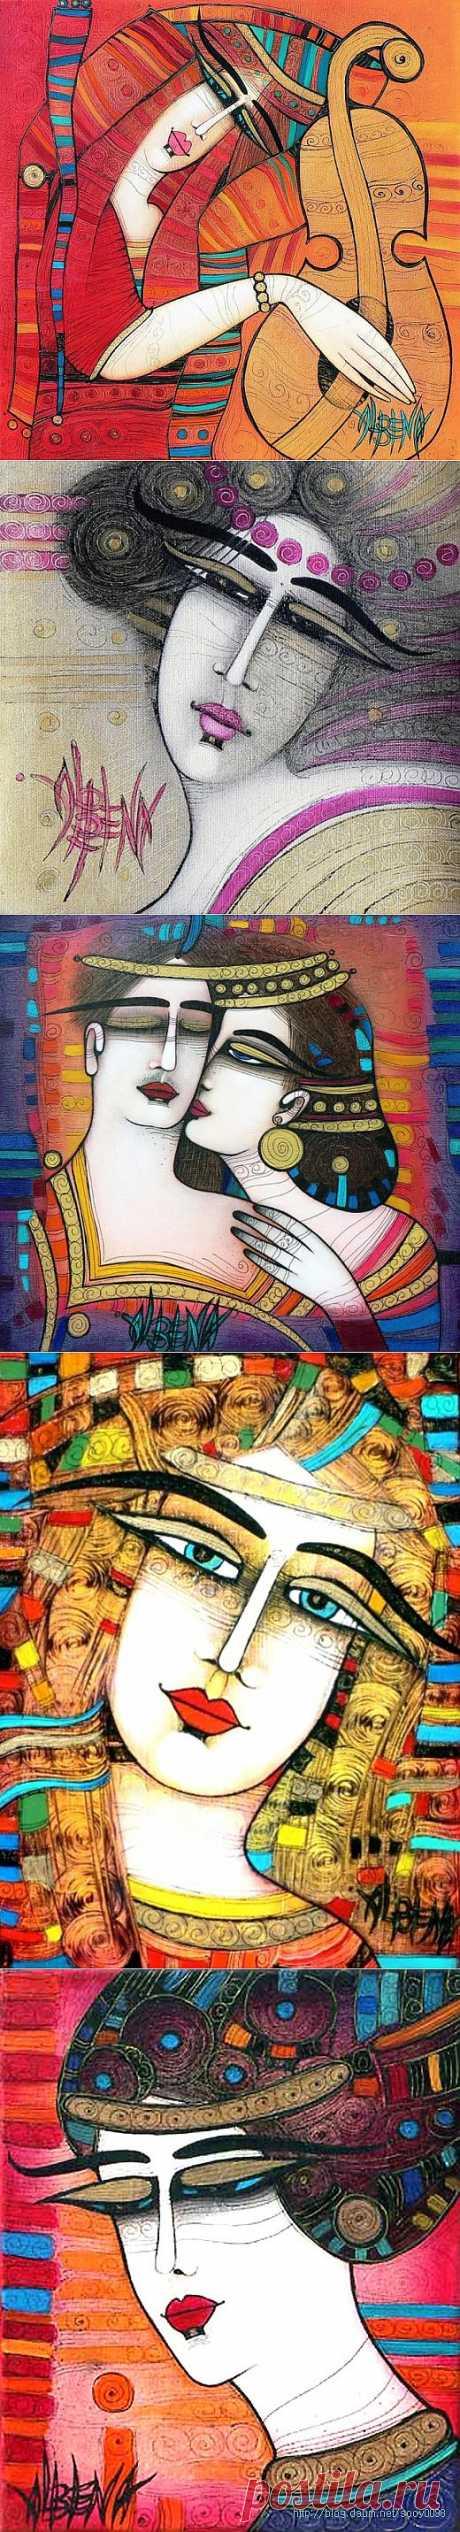 Любимая, тебе мои слова признанья... Художник Albena Vatcheva и Омар Хайям.